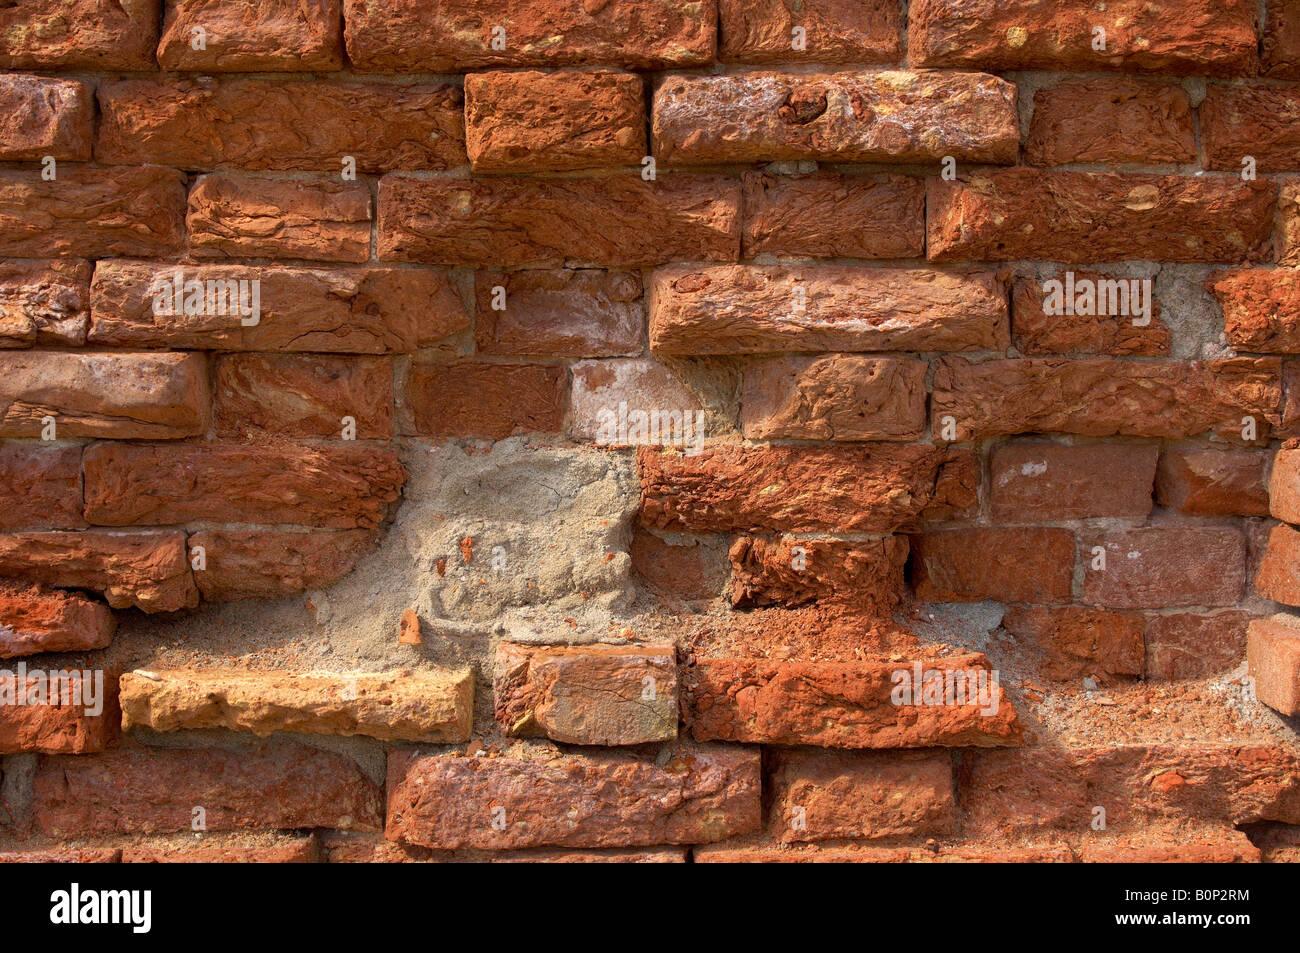 Venezianischen alte gemauerte Wand mit fallen rote Mörtel Stockbild